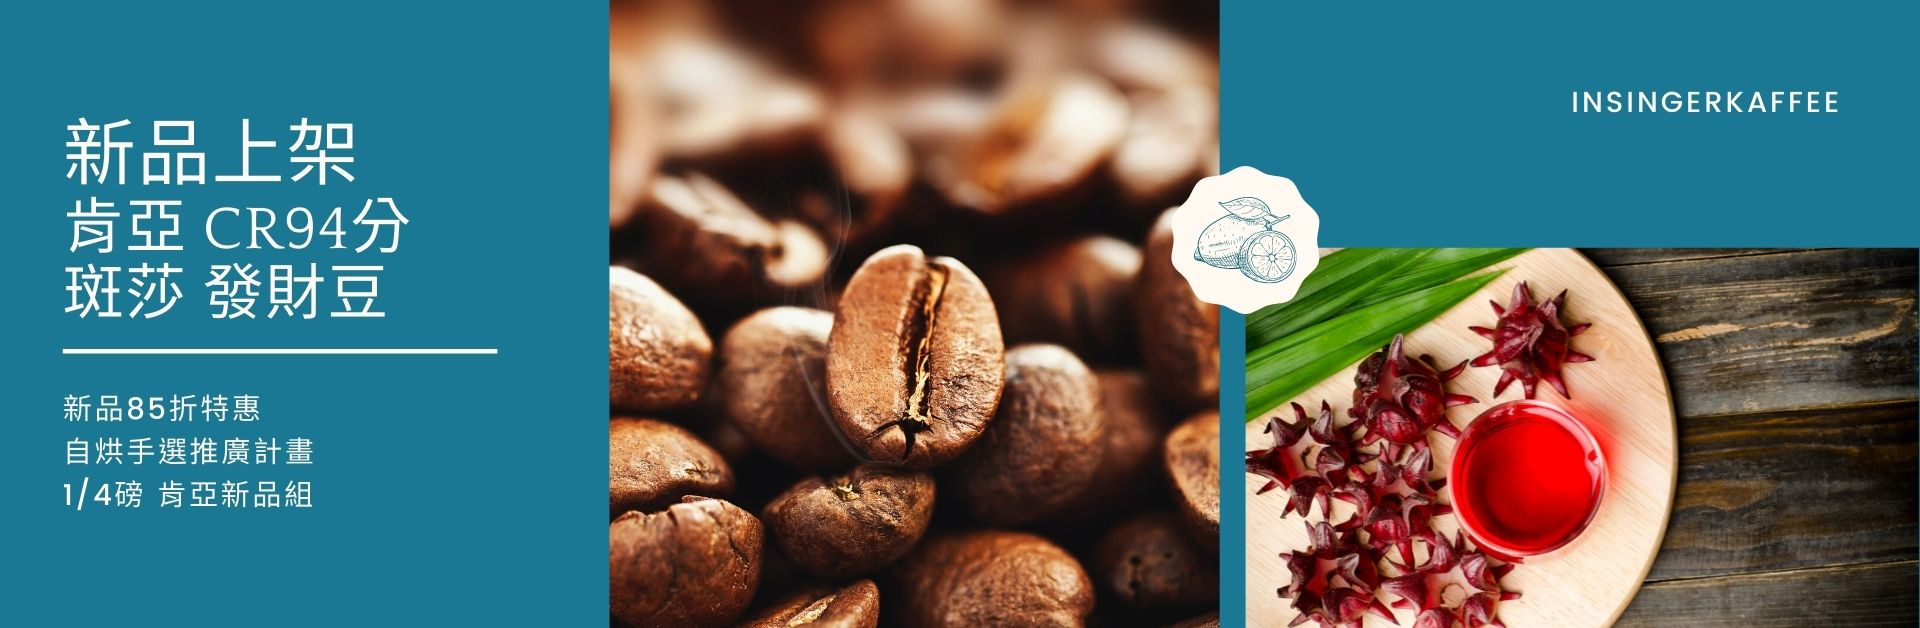 新品上架85折,肯亞 加洽莎合作社 AB TOP,1/4磅 肯亞新品咖啡組